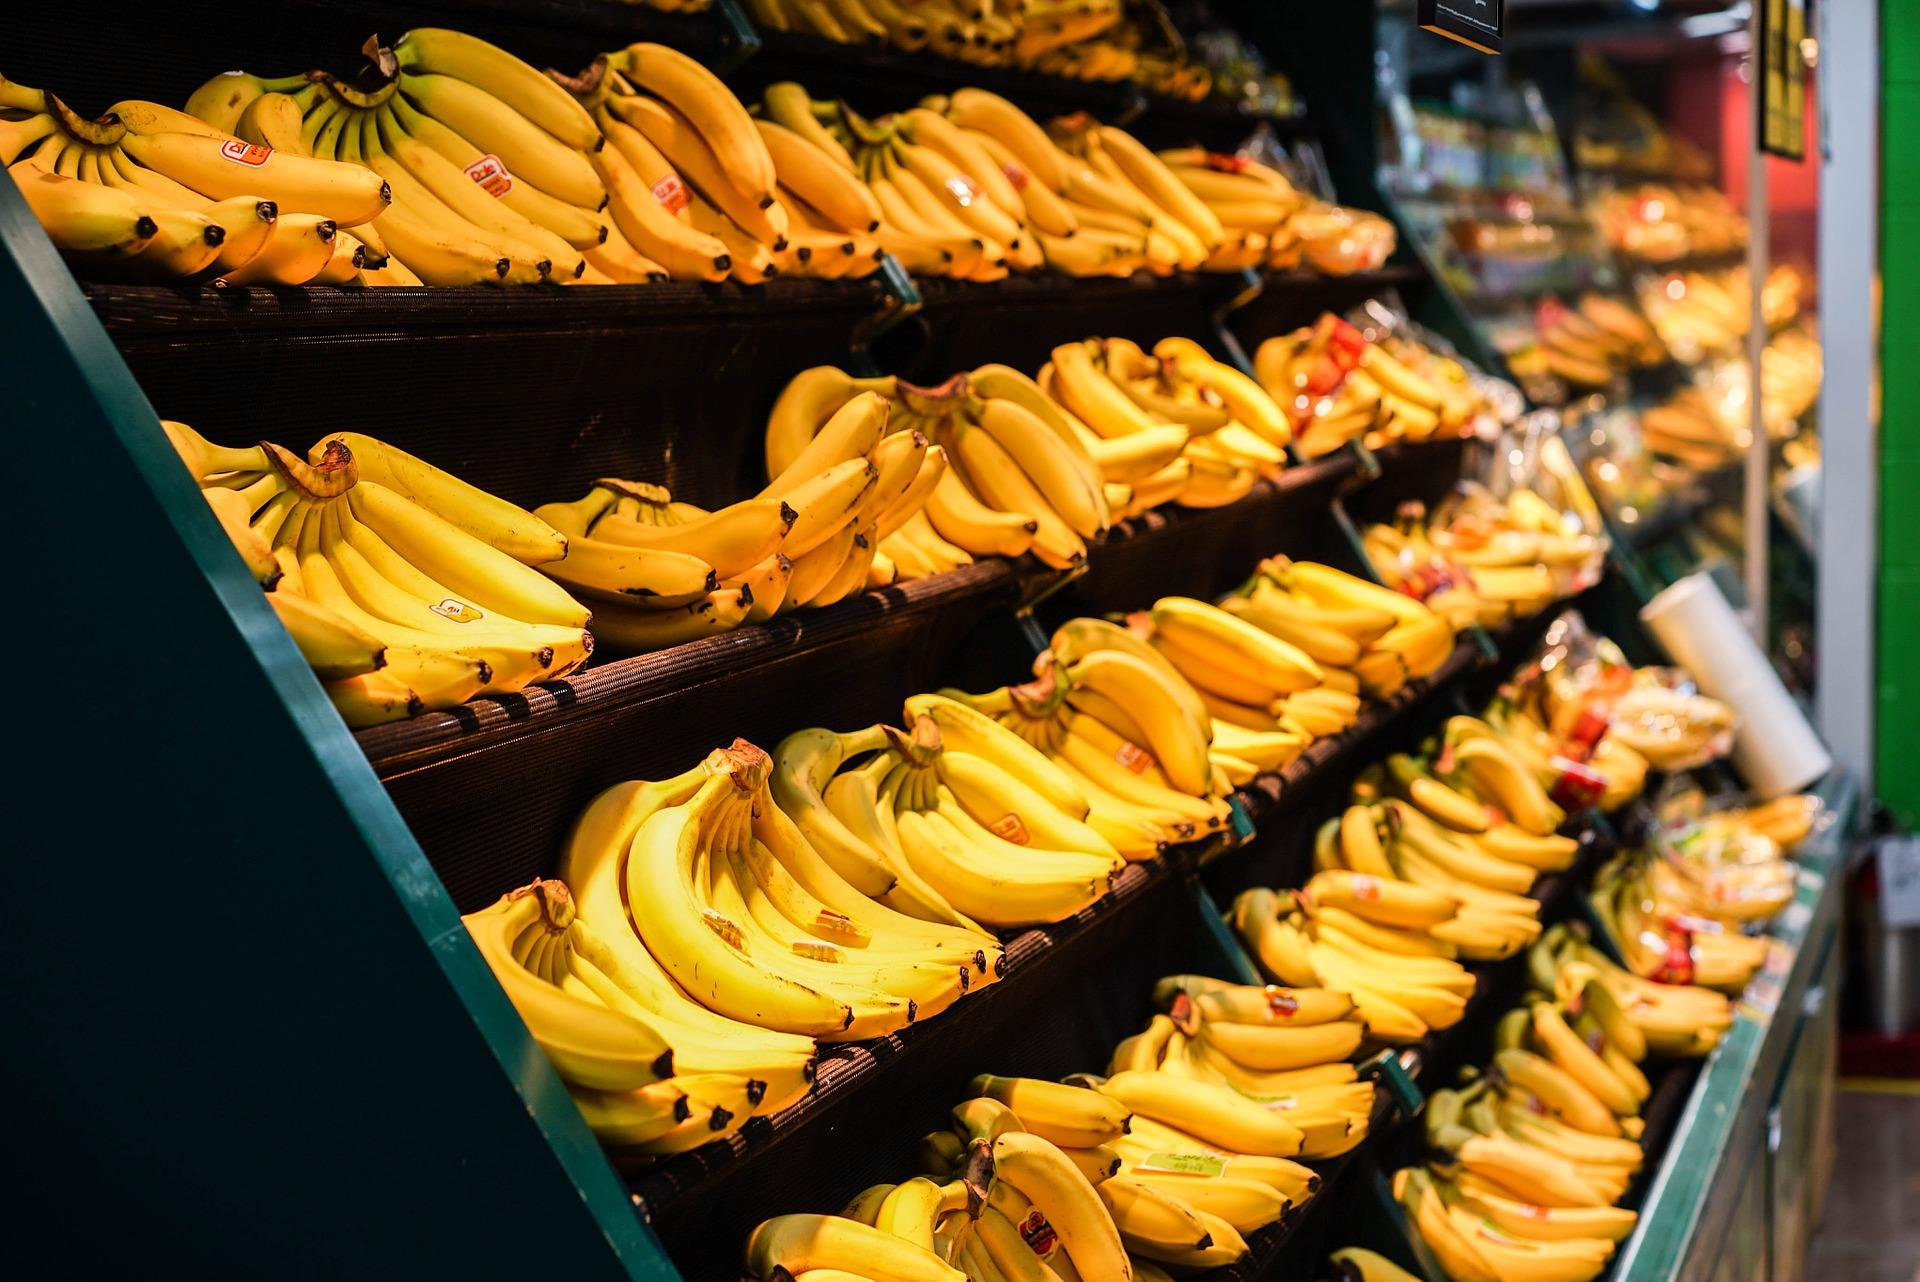 Un régime de bananes sur le rayon d'un magasin